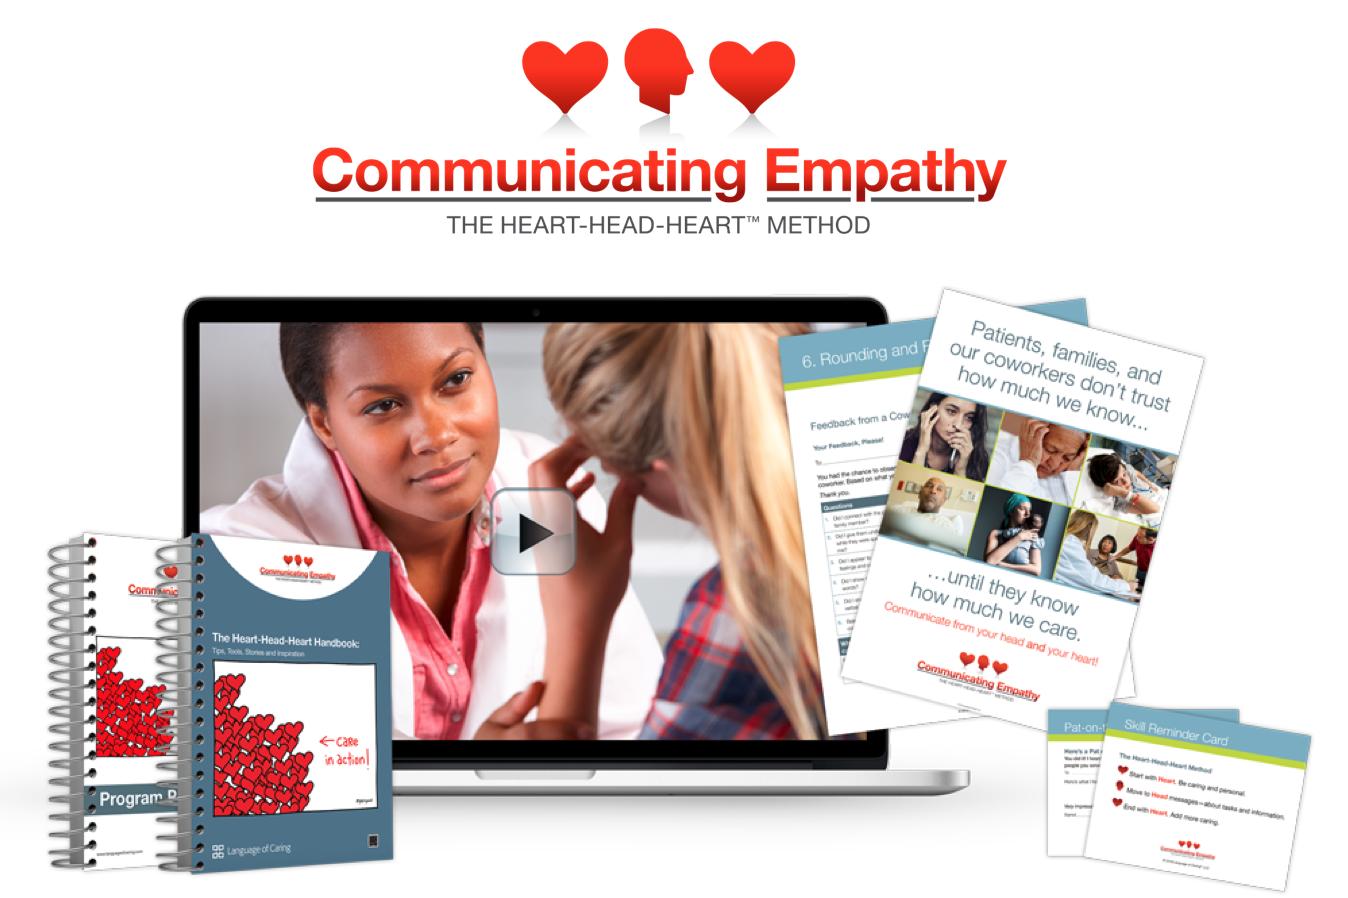 Communicating Empathy